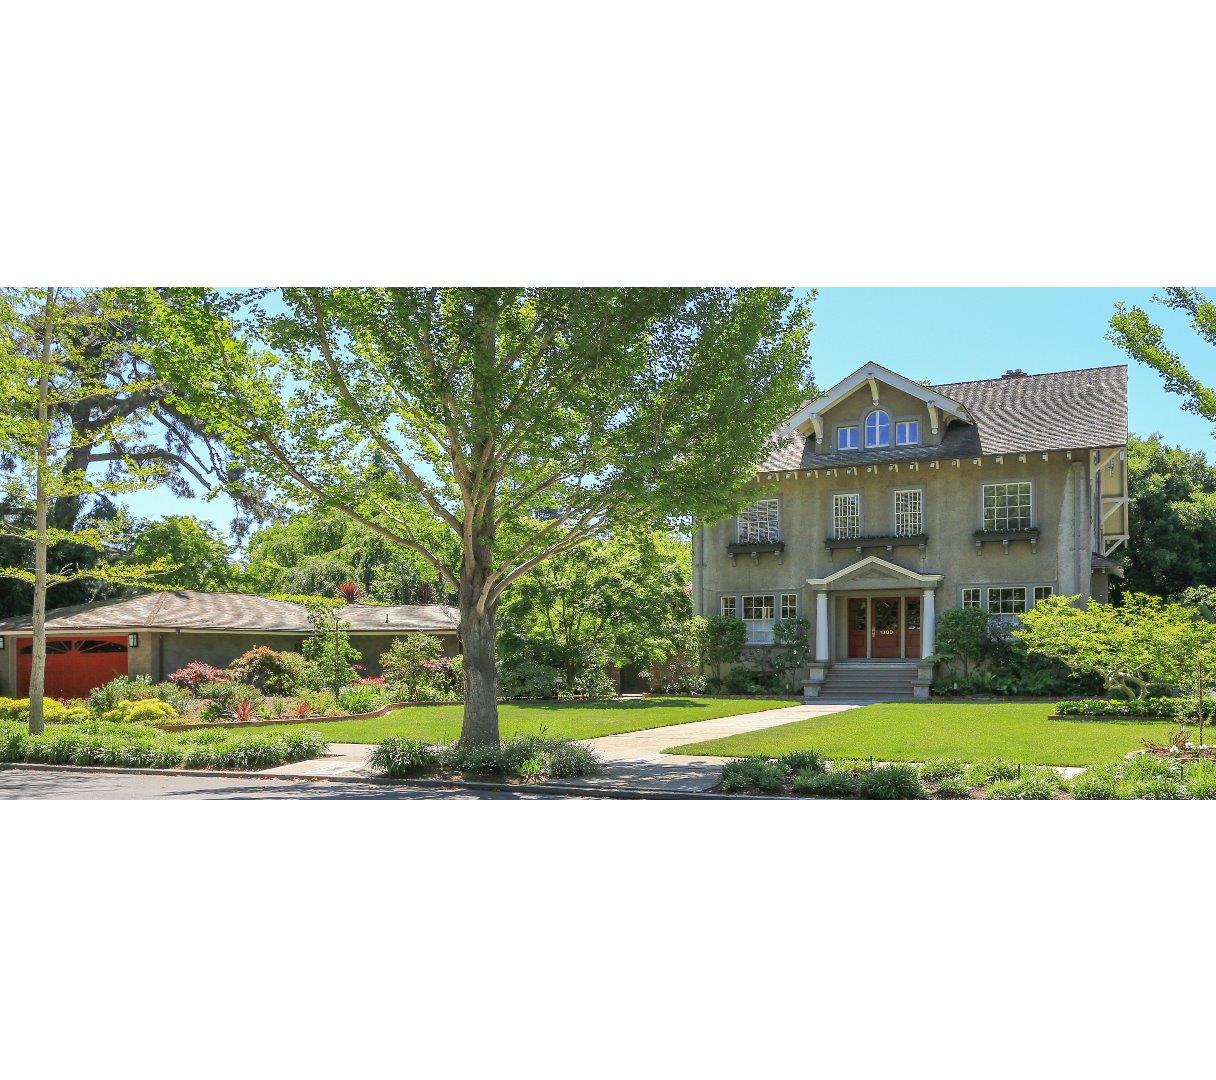 Частный односемейный дом для того Продажа на 1300 Hamilton Avenue Palo Alto, Калифорния 94301 Соединенные Штаты